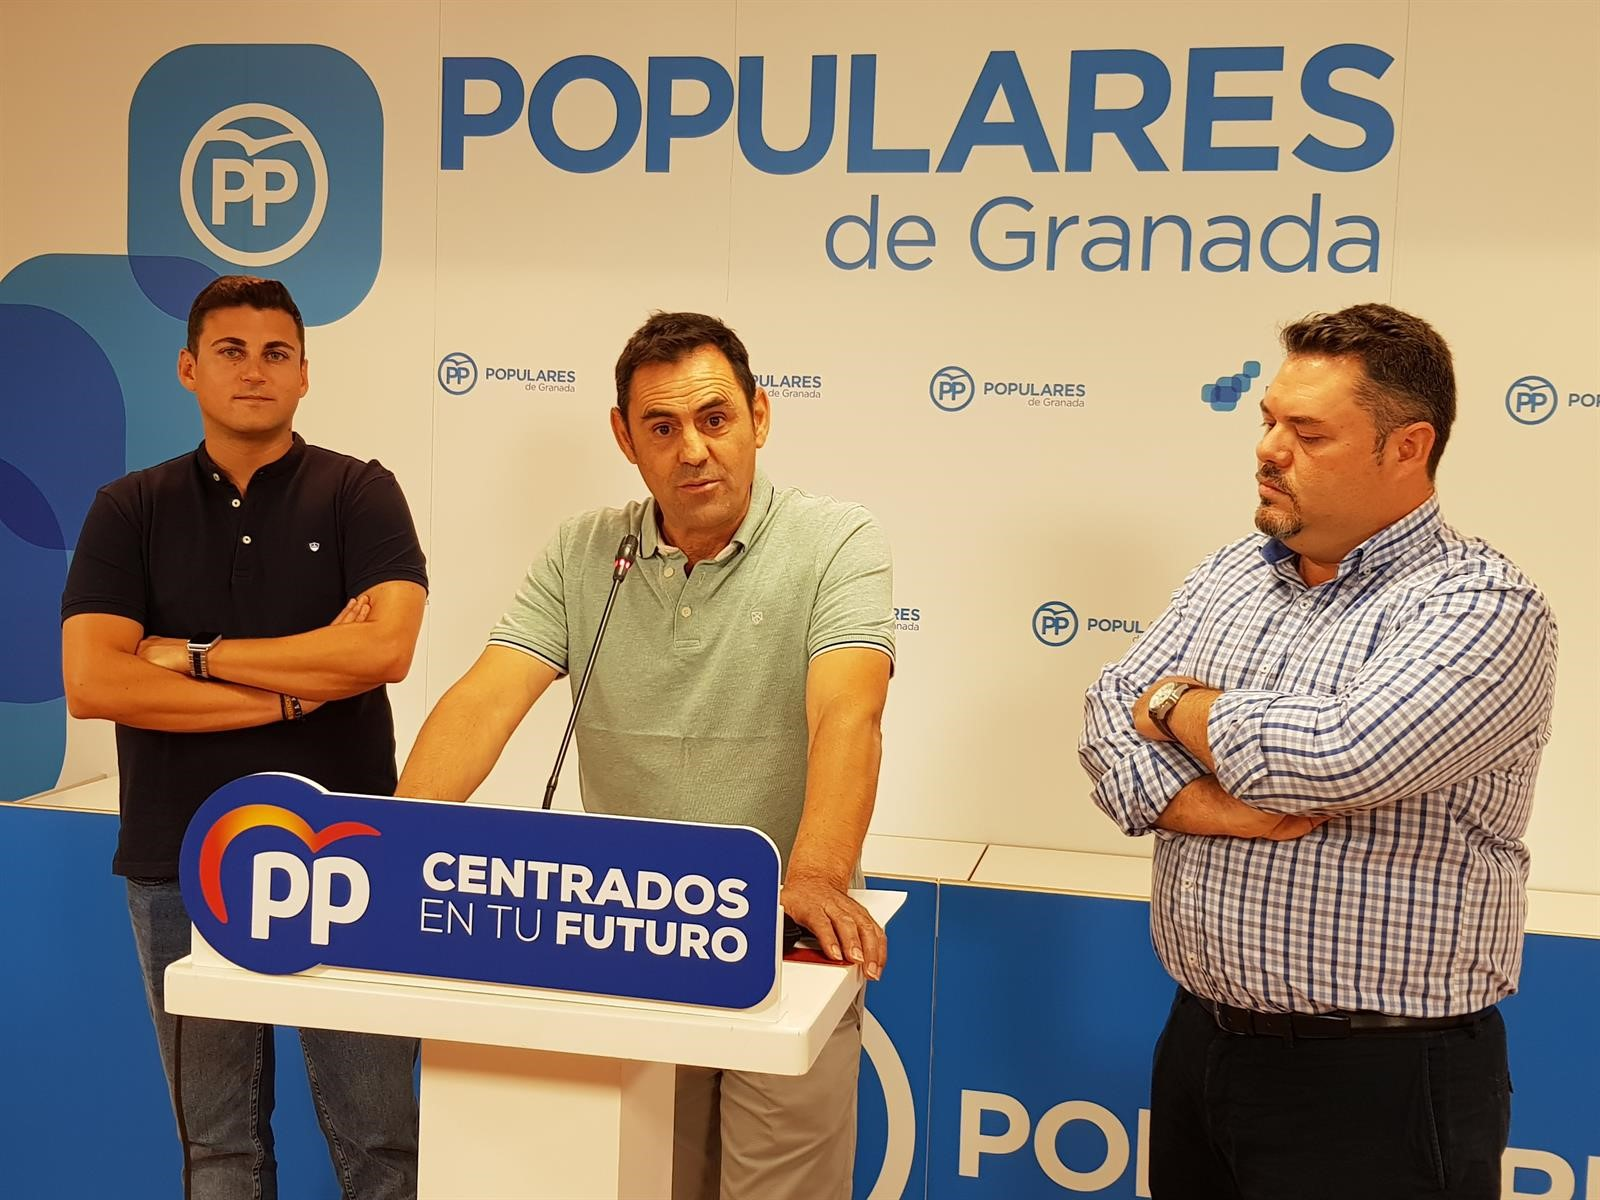 El PP exige la dimisión del alcalde de Cúllar Vega tras superar la tasa de alcohol en una colisión